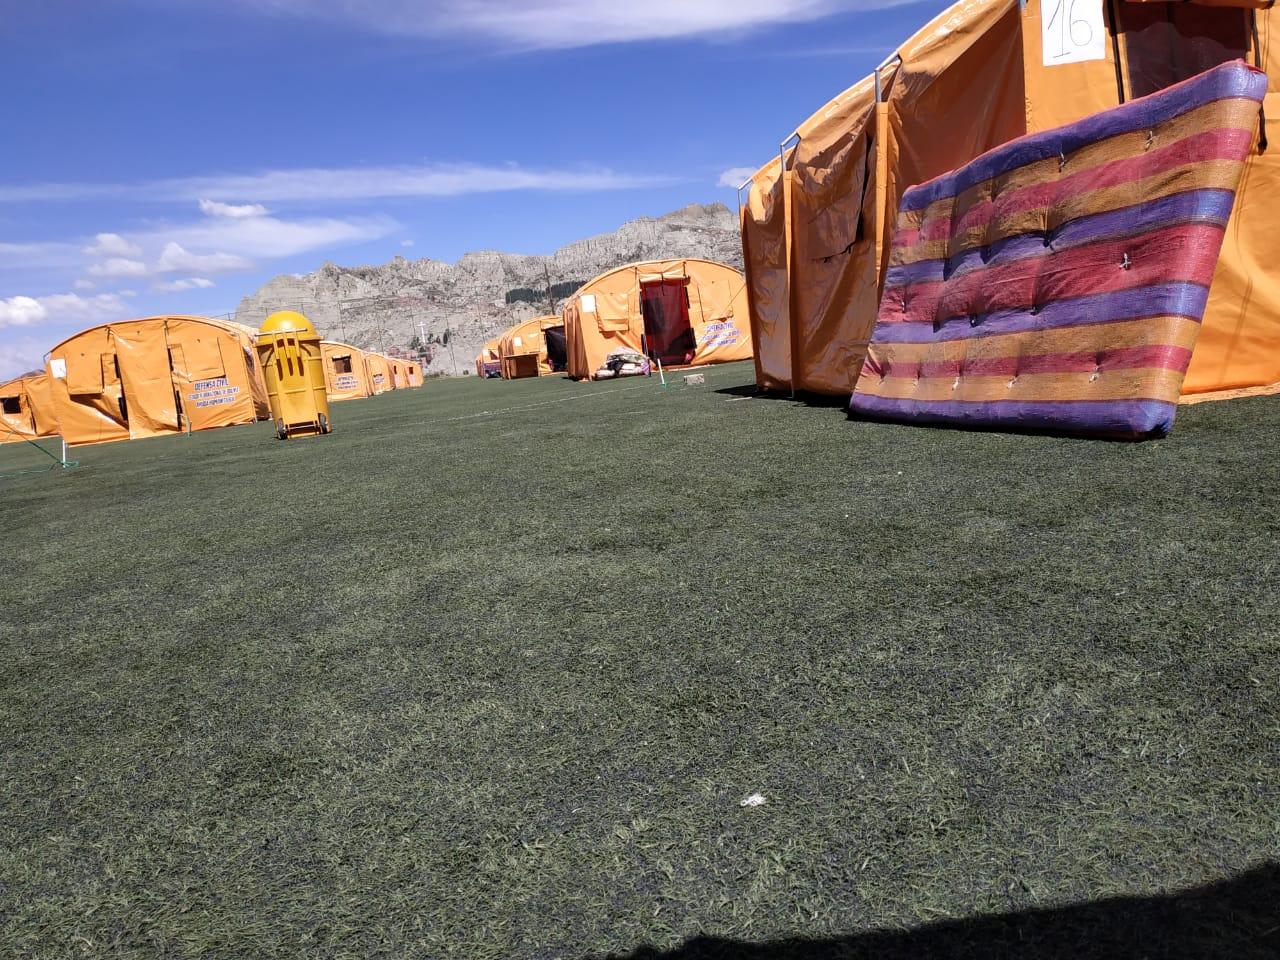 180 familias perdieron todo por la inestabilidad de un terreno que fue botadero de basura hace 40 años / ÁNGEL SALAZAR